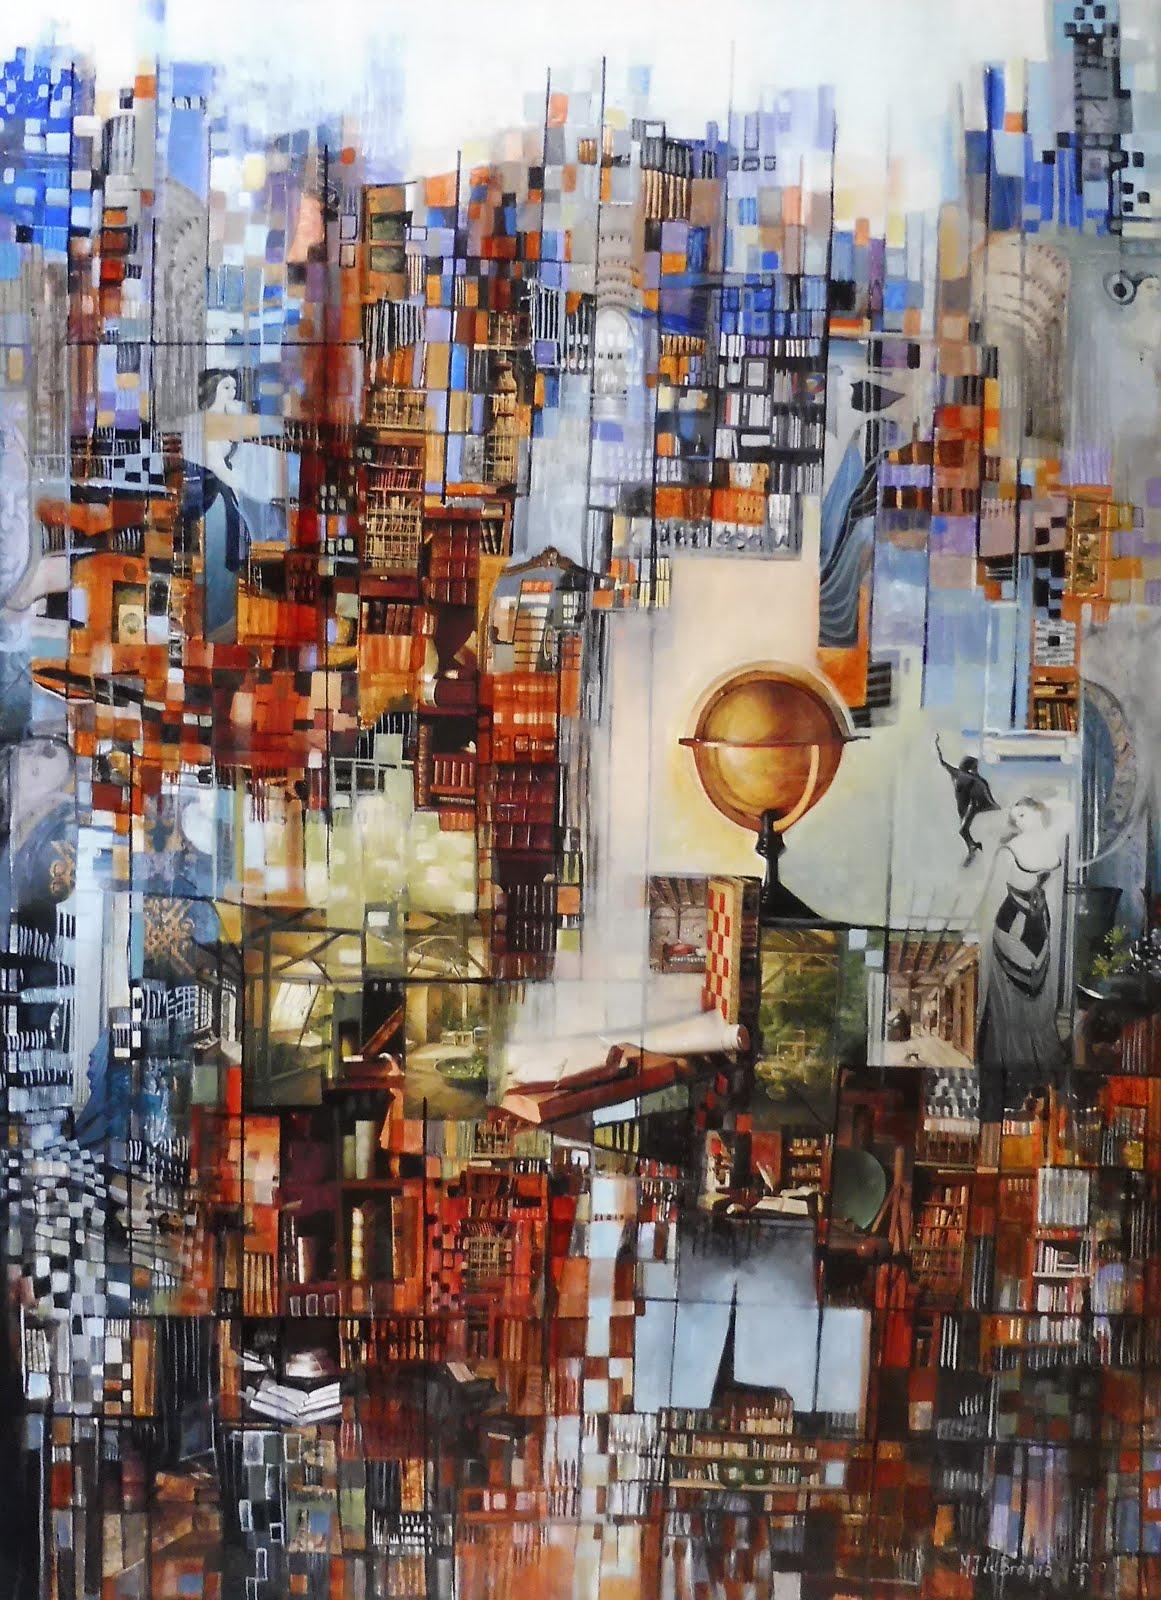 La bibliothèque imaginaire - 73 x 100 cm - 2020